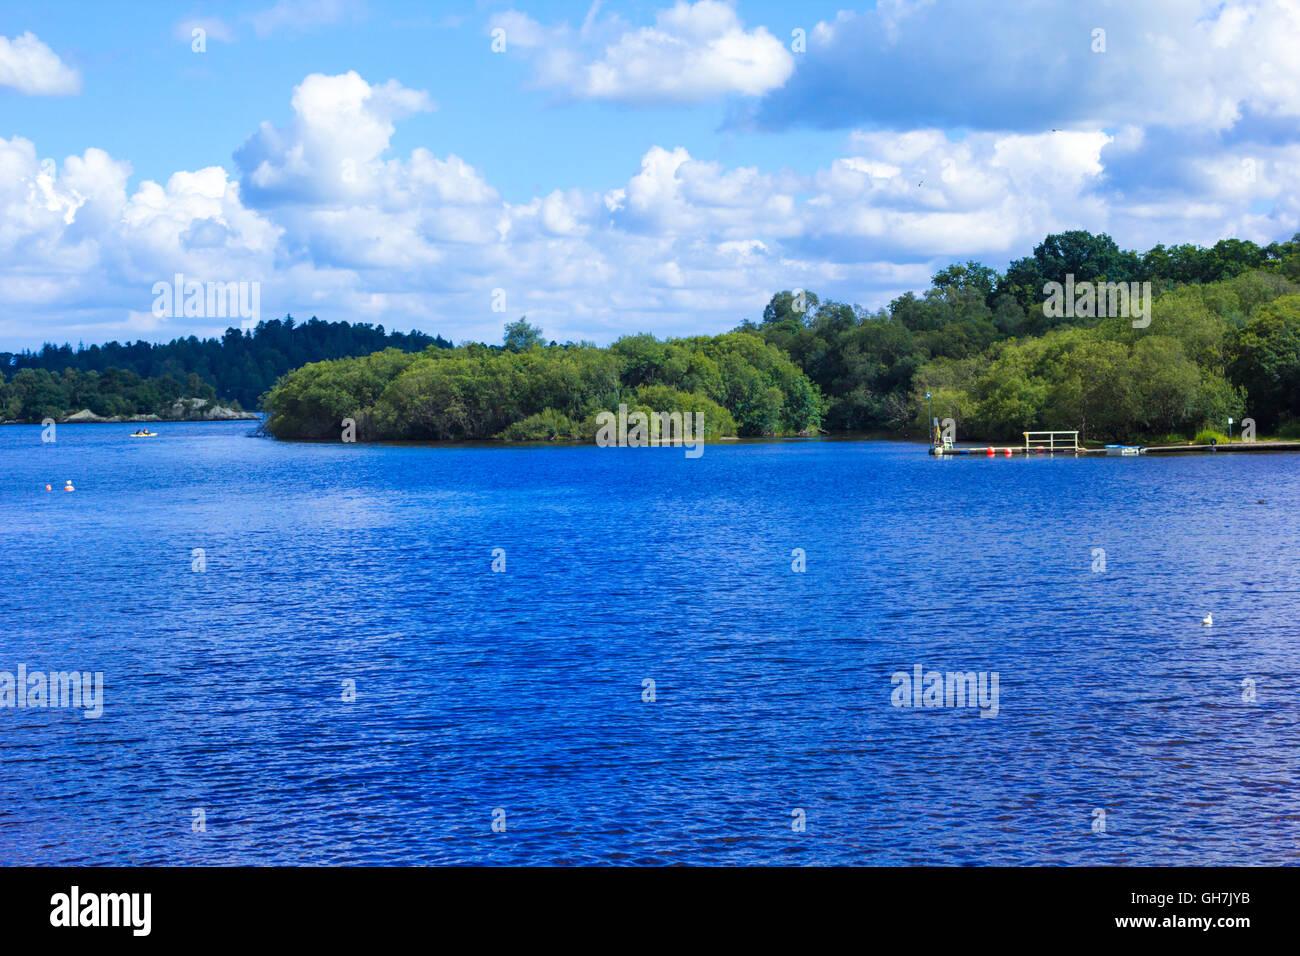 La gente remando en canoa a remo en calma azul lago Loch Lomond en Escocia Foto de stock